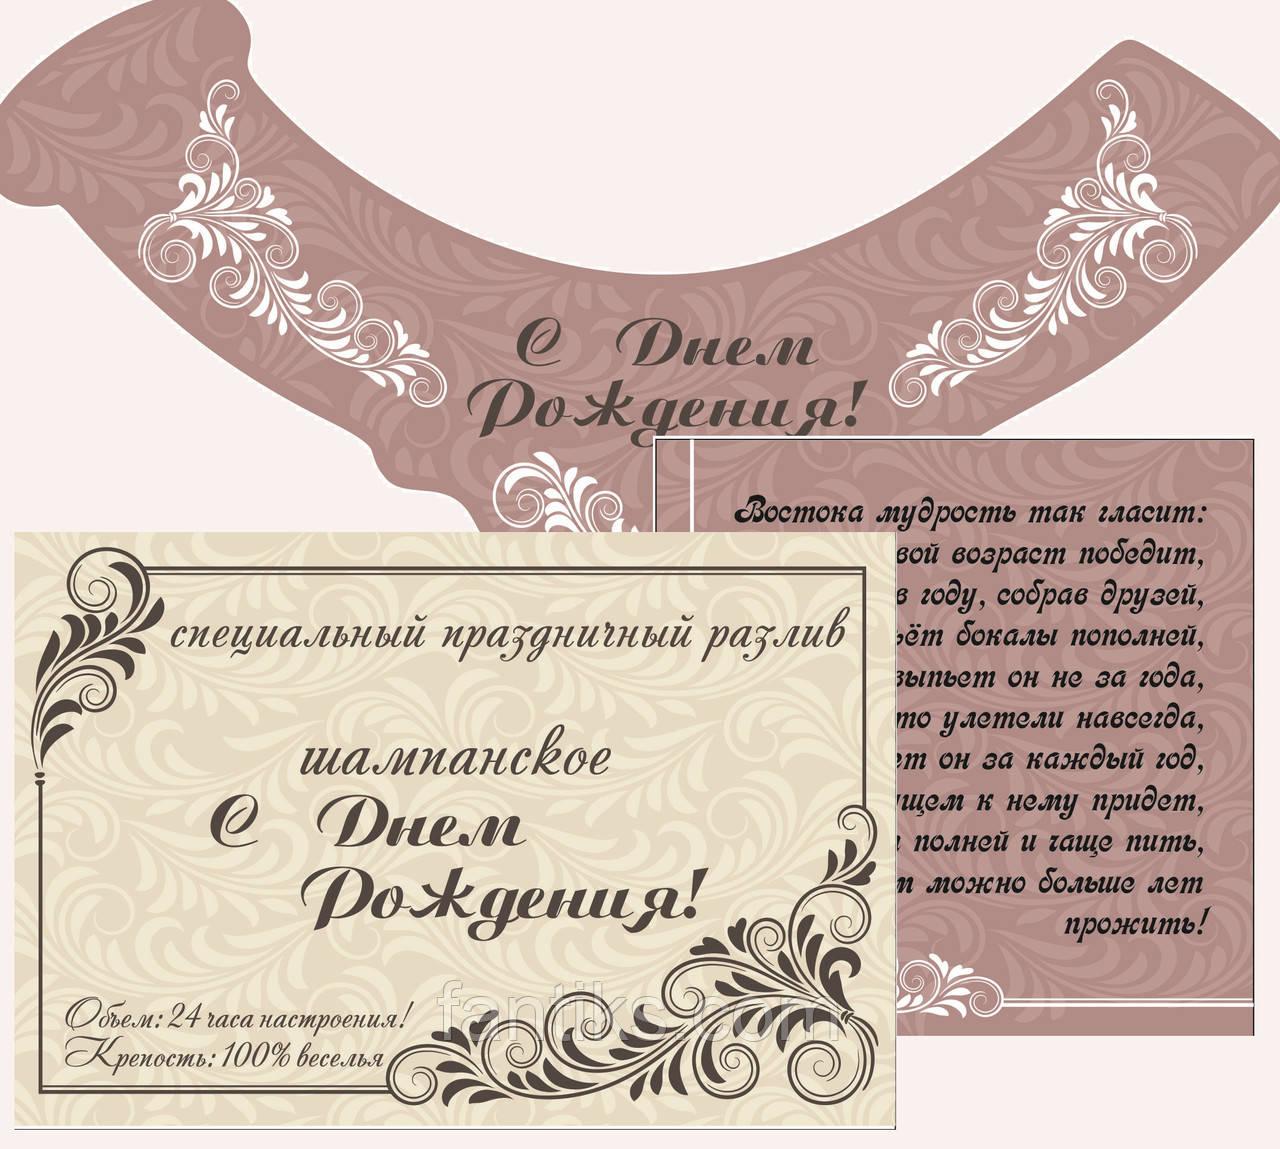 С Днем Рождения! -комплект наклеек на шампанское